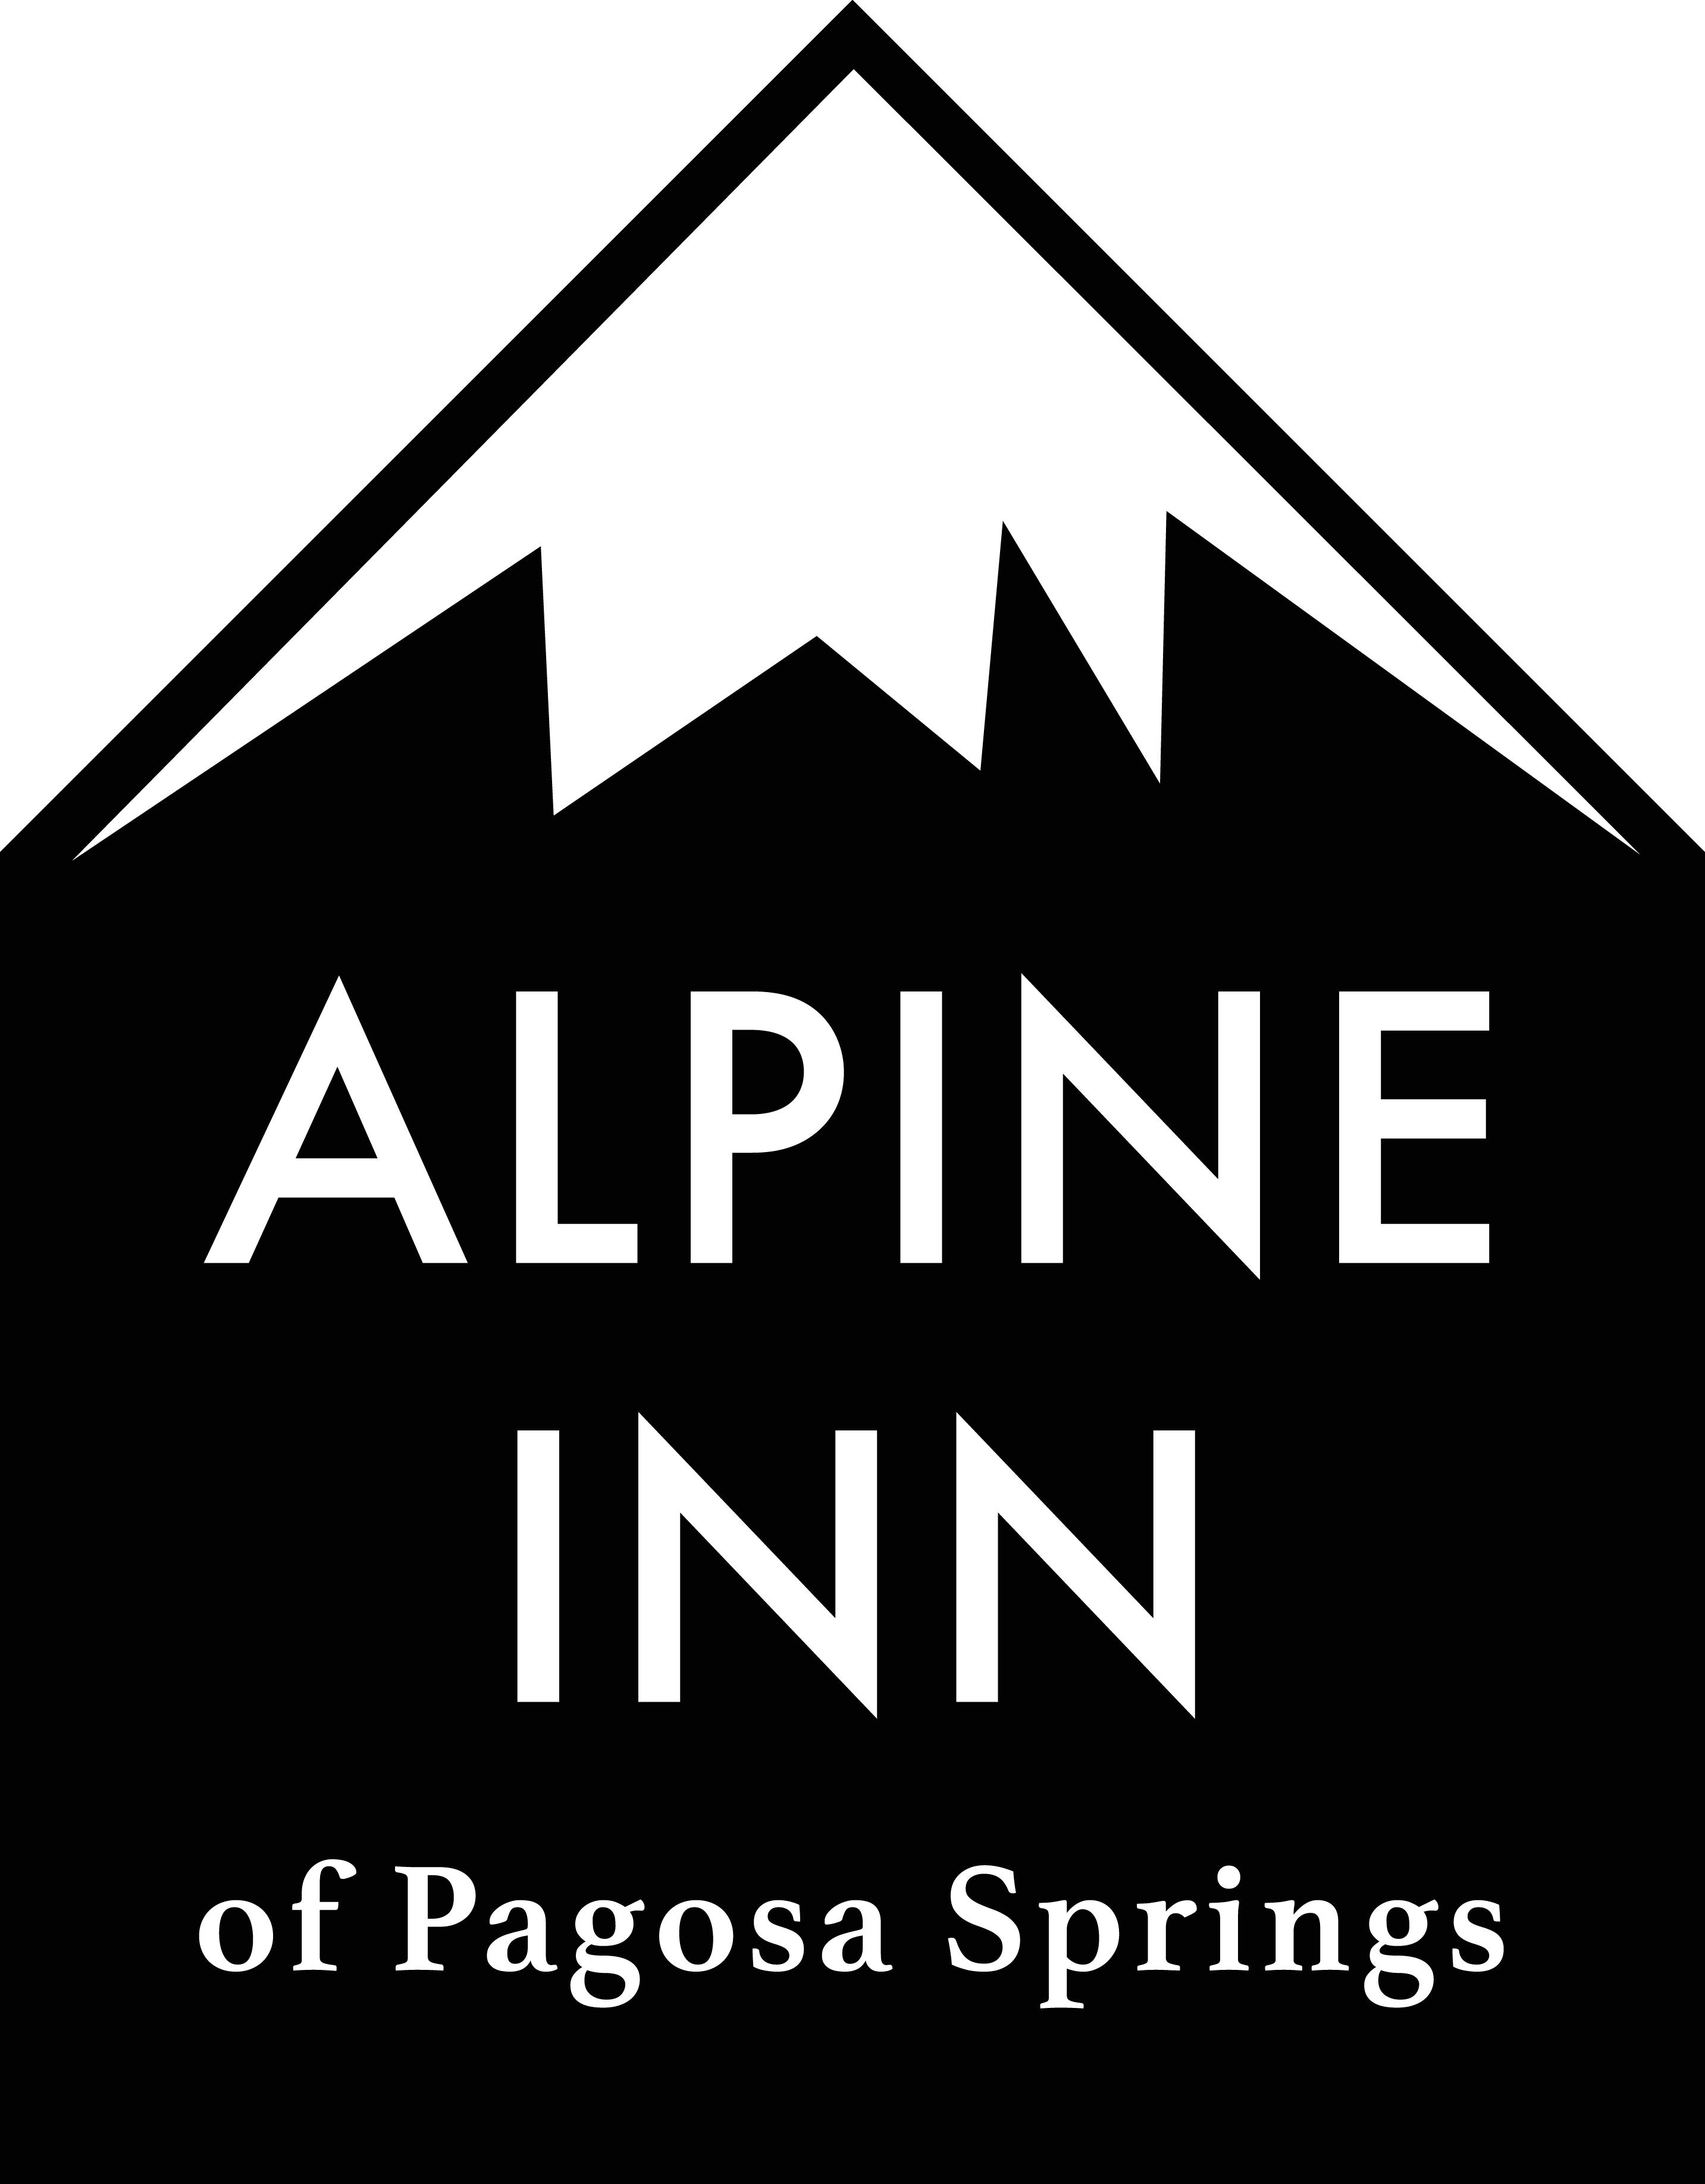 alpine inn logo